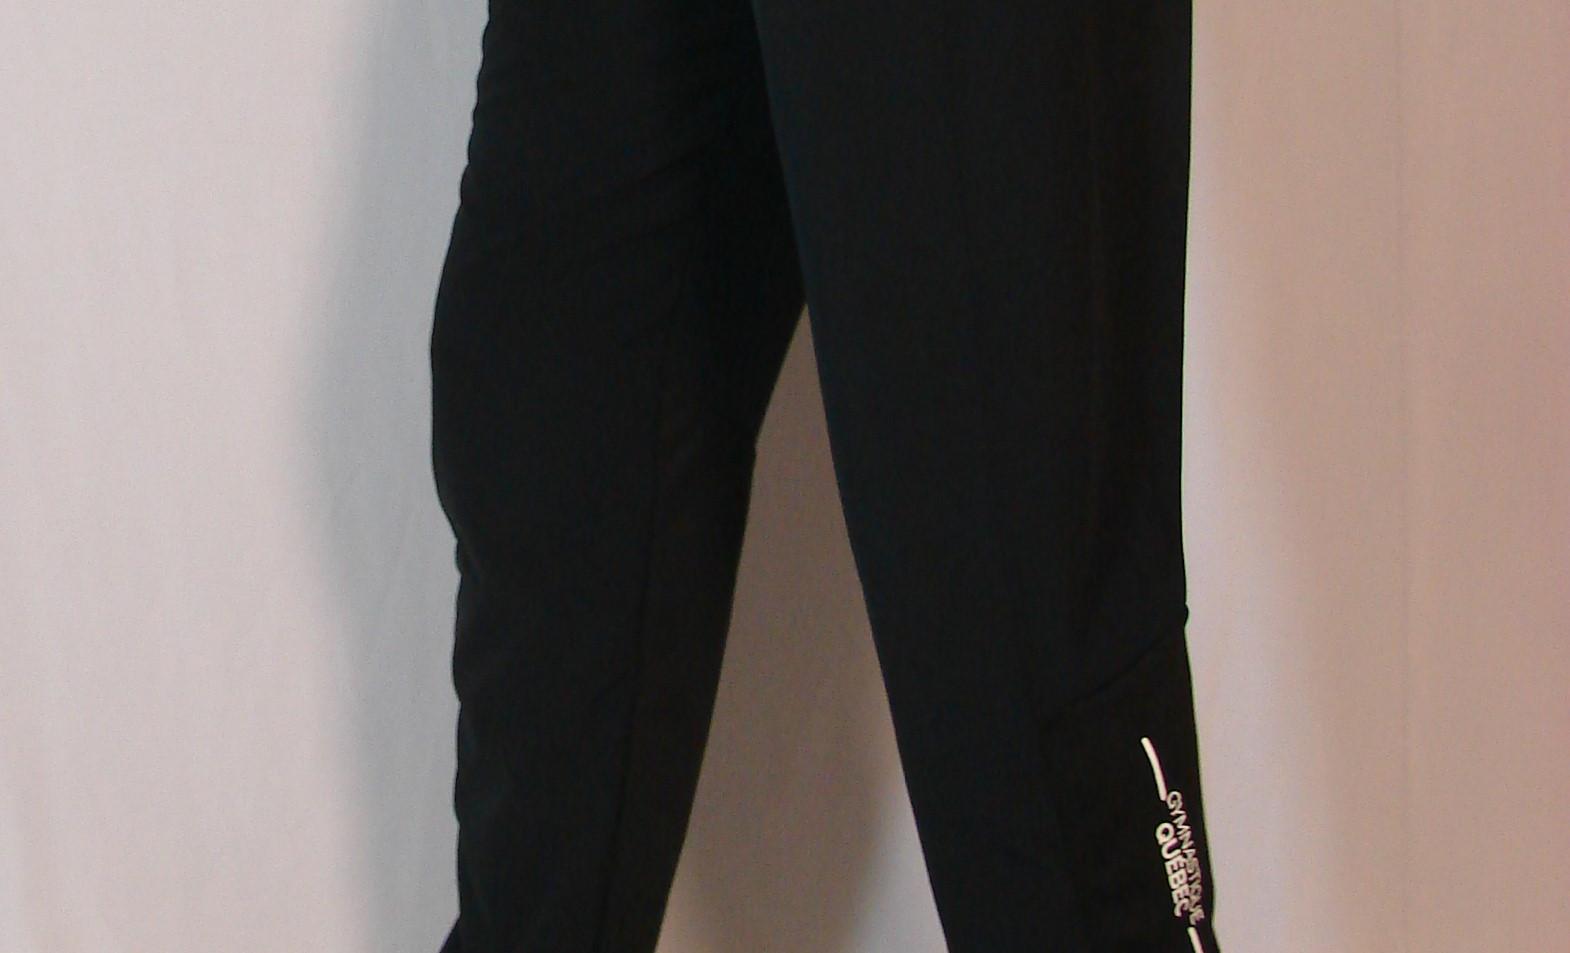 Pantalon sportif Fédération - Côté / Fédération sport pants - Side